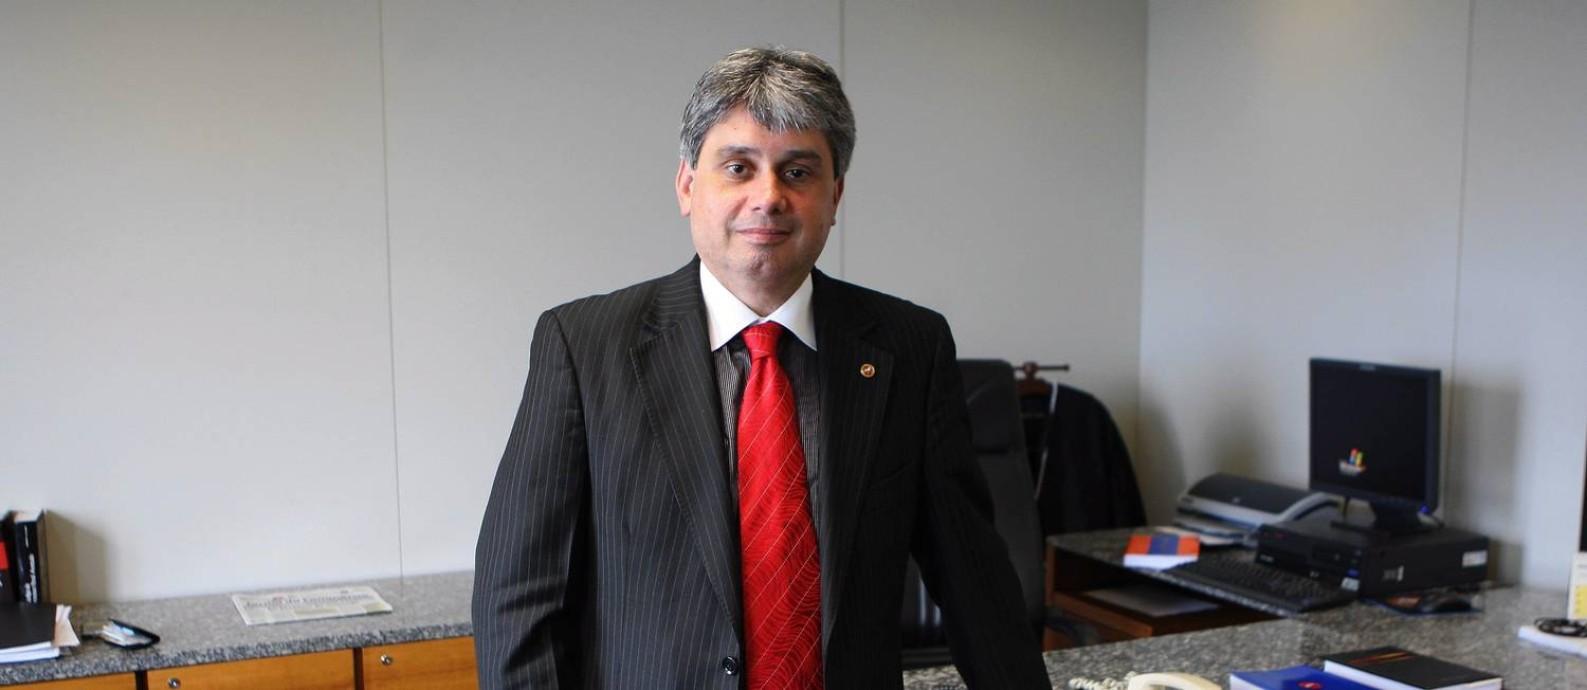 No gabinete, procurador posa para foto Foto: Hipólito Pereira / O GLOBO